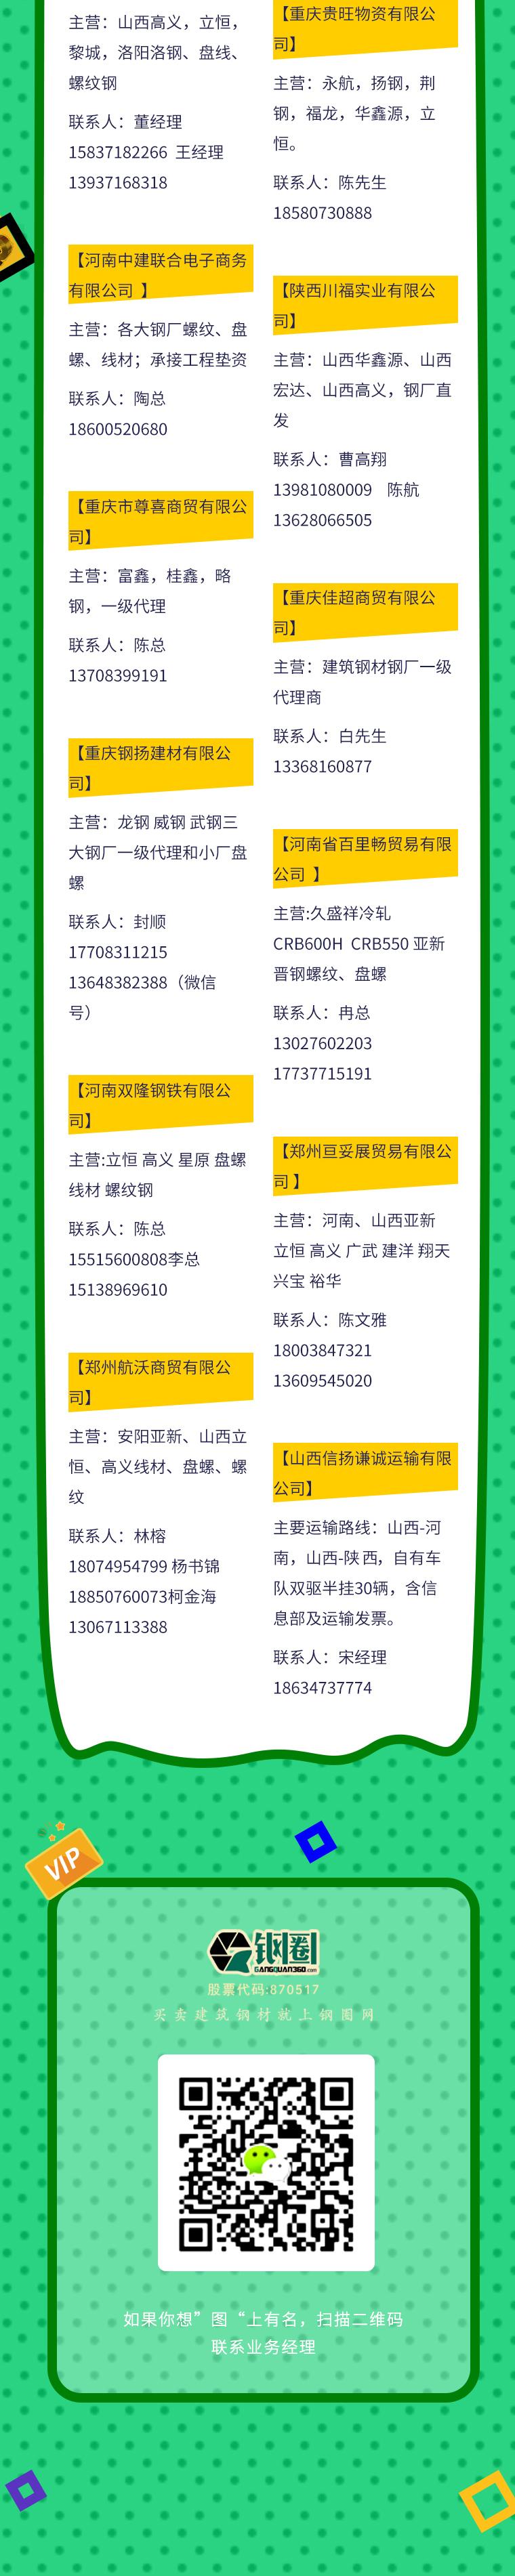 西北2-注册送全国钢厂地图活动2.jpg